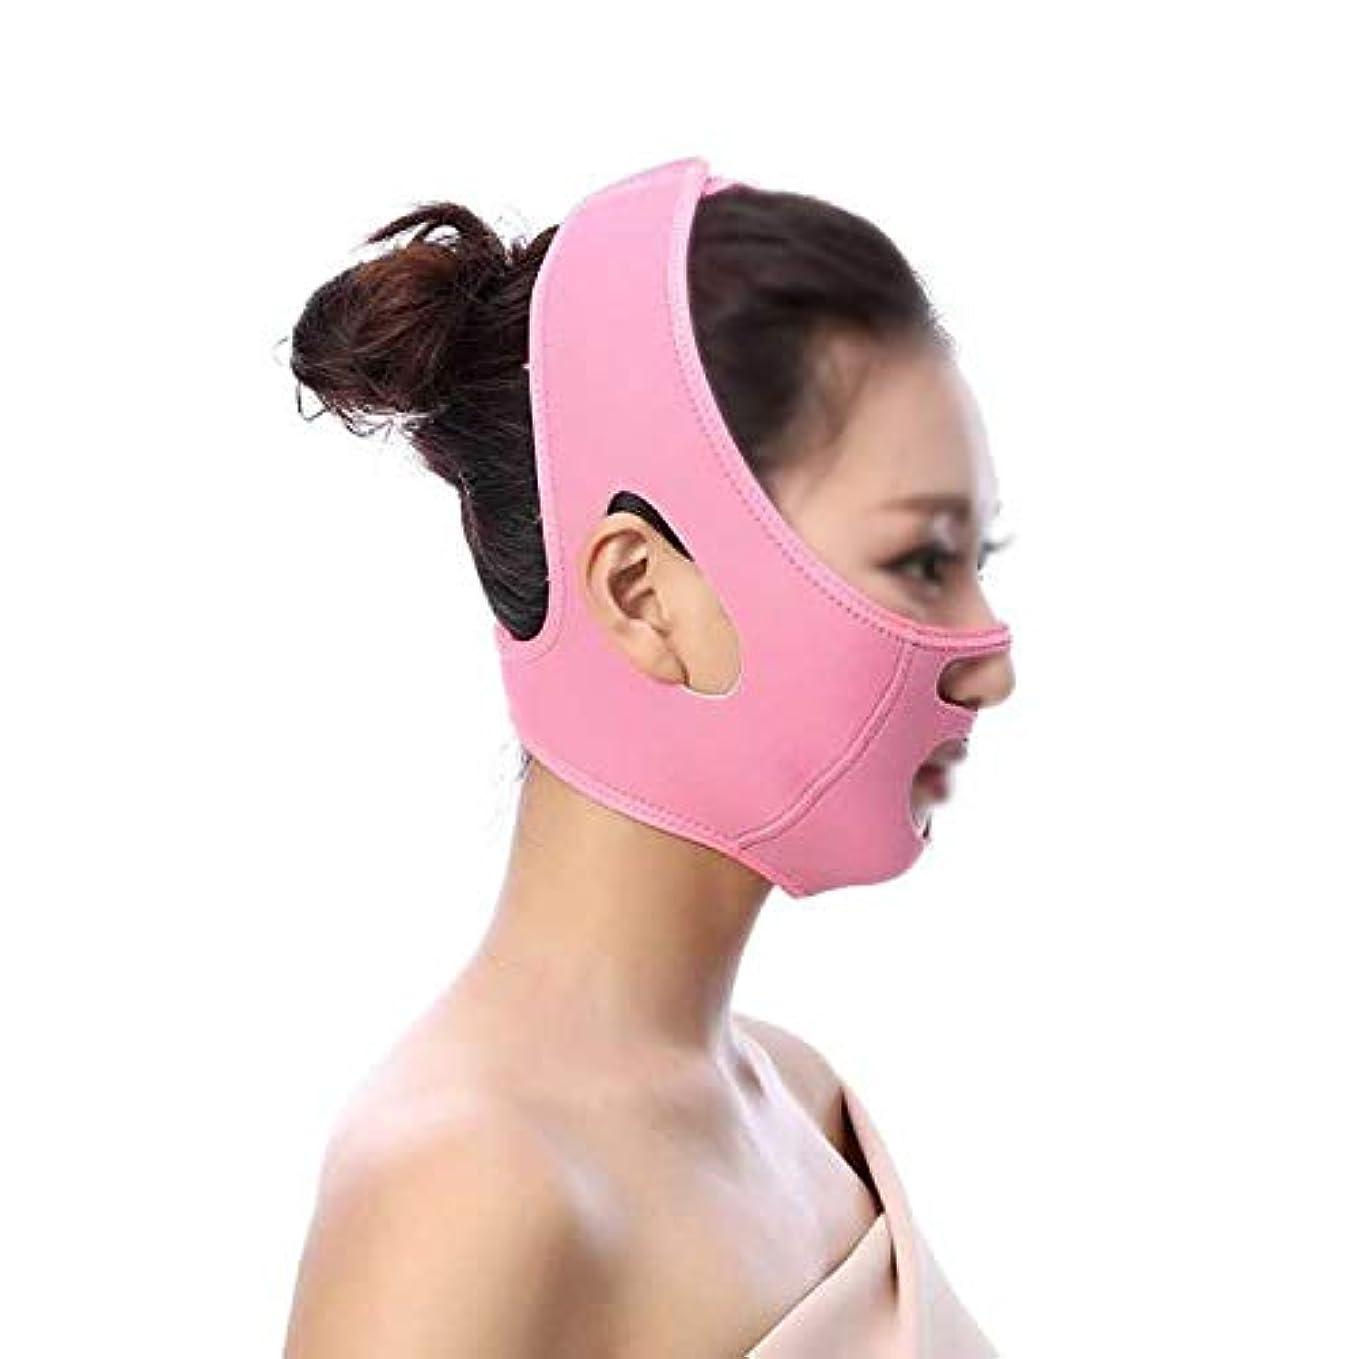 関係件名ストローGLJJQMY 減量ベルトマスクvフェイスアーティファクトダブルチンリフトマスク睡眠薄いVフェイス包帯フェイスステッカー 顔用整形マスク